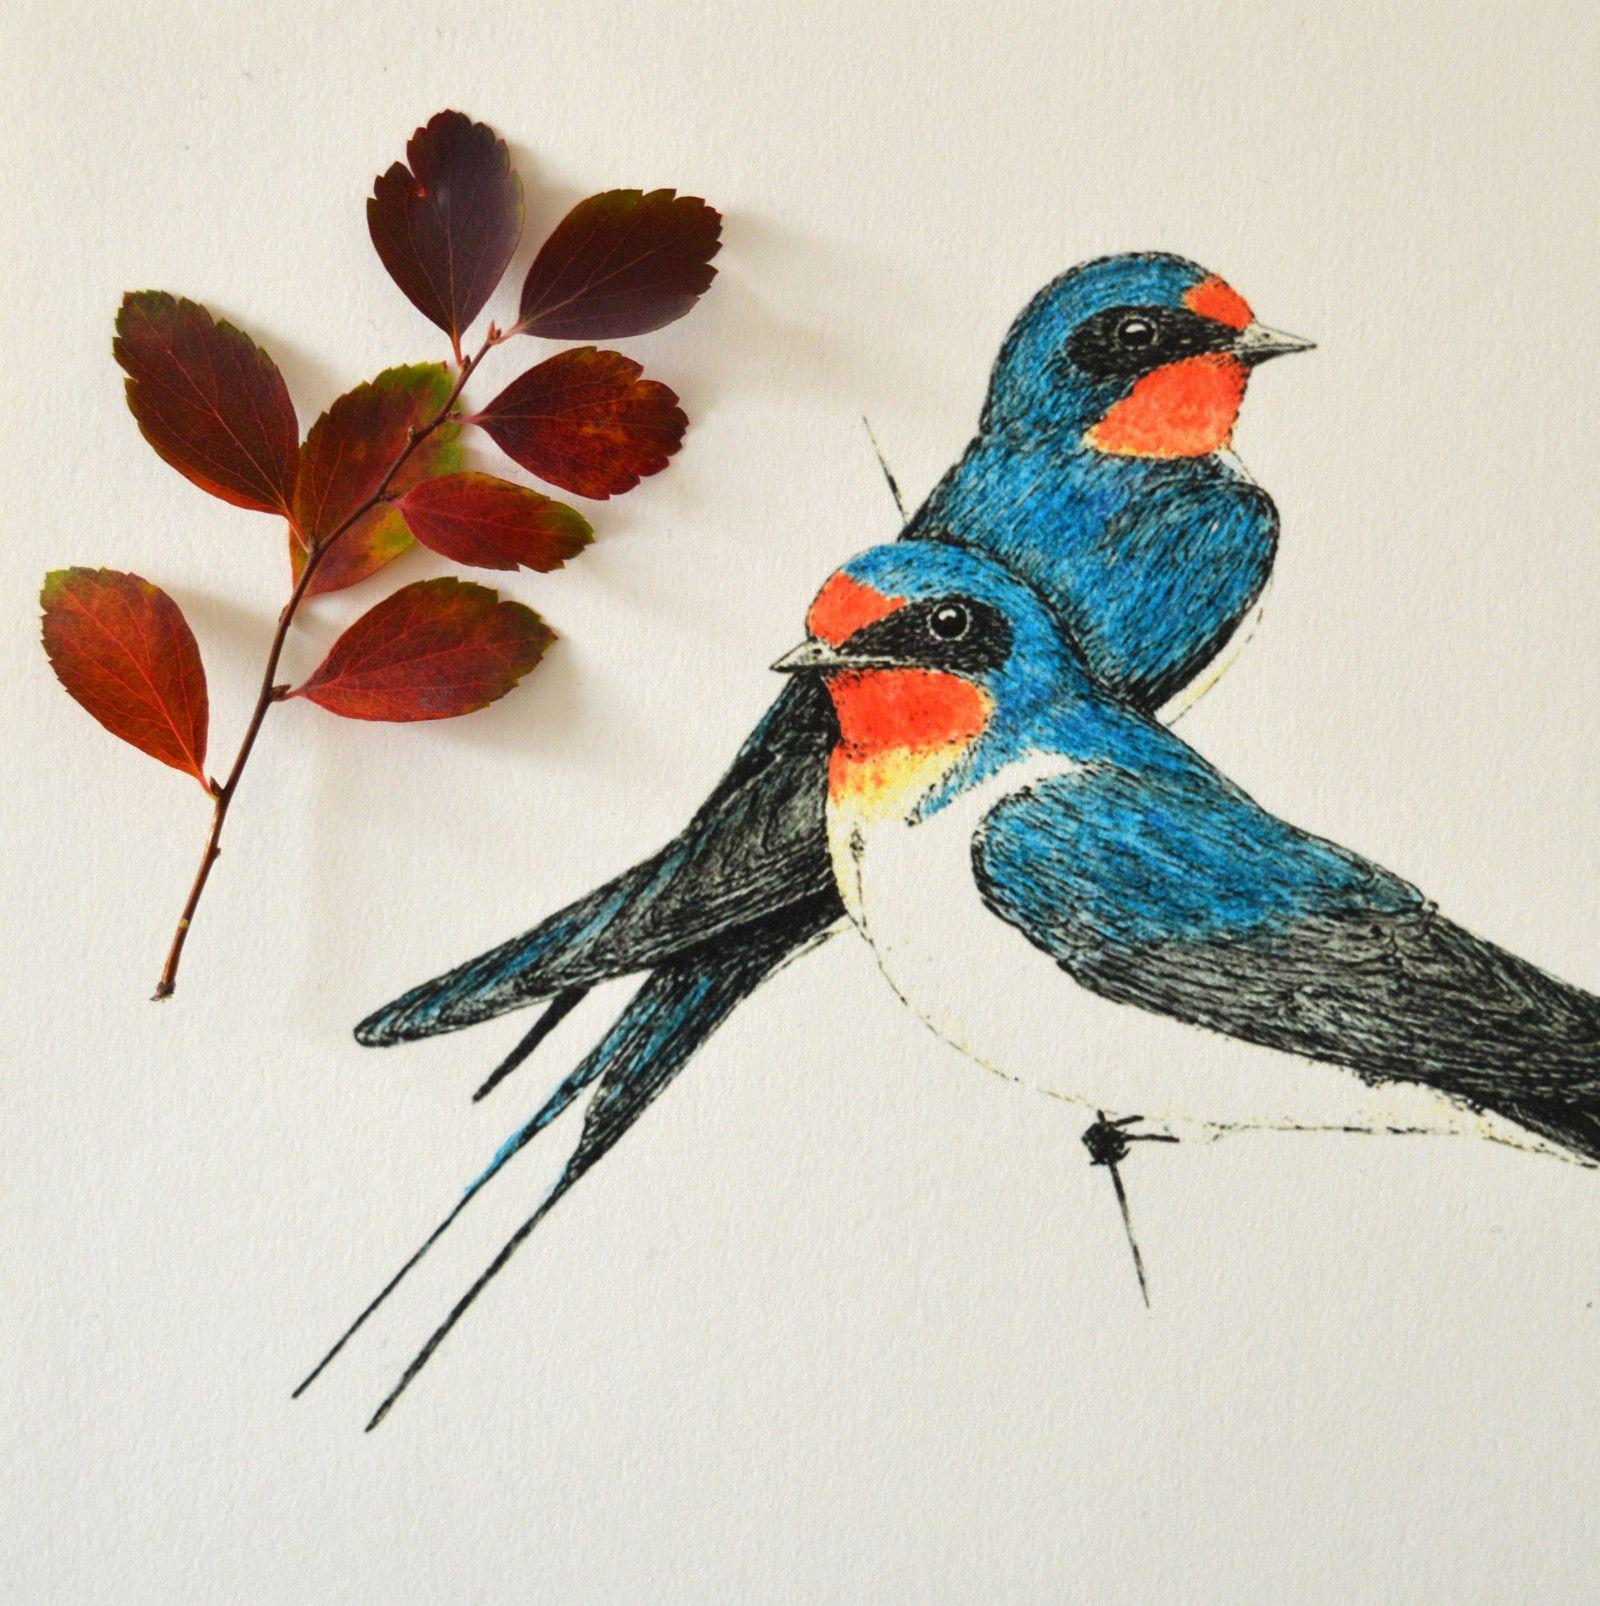 Vlastovky V Barvach Reprodukce Autorske Kresby Tusi A Akvarelovymi